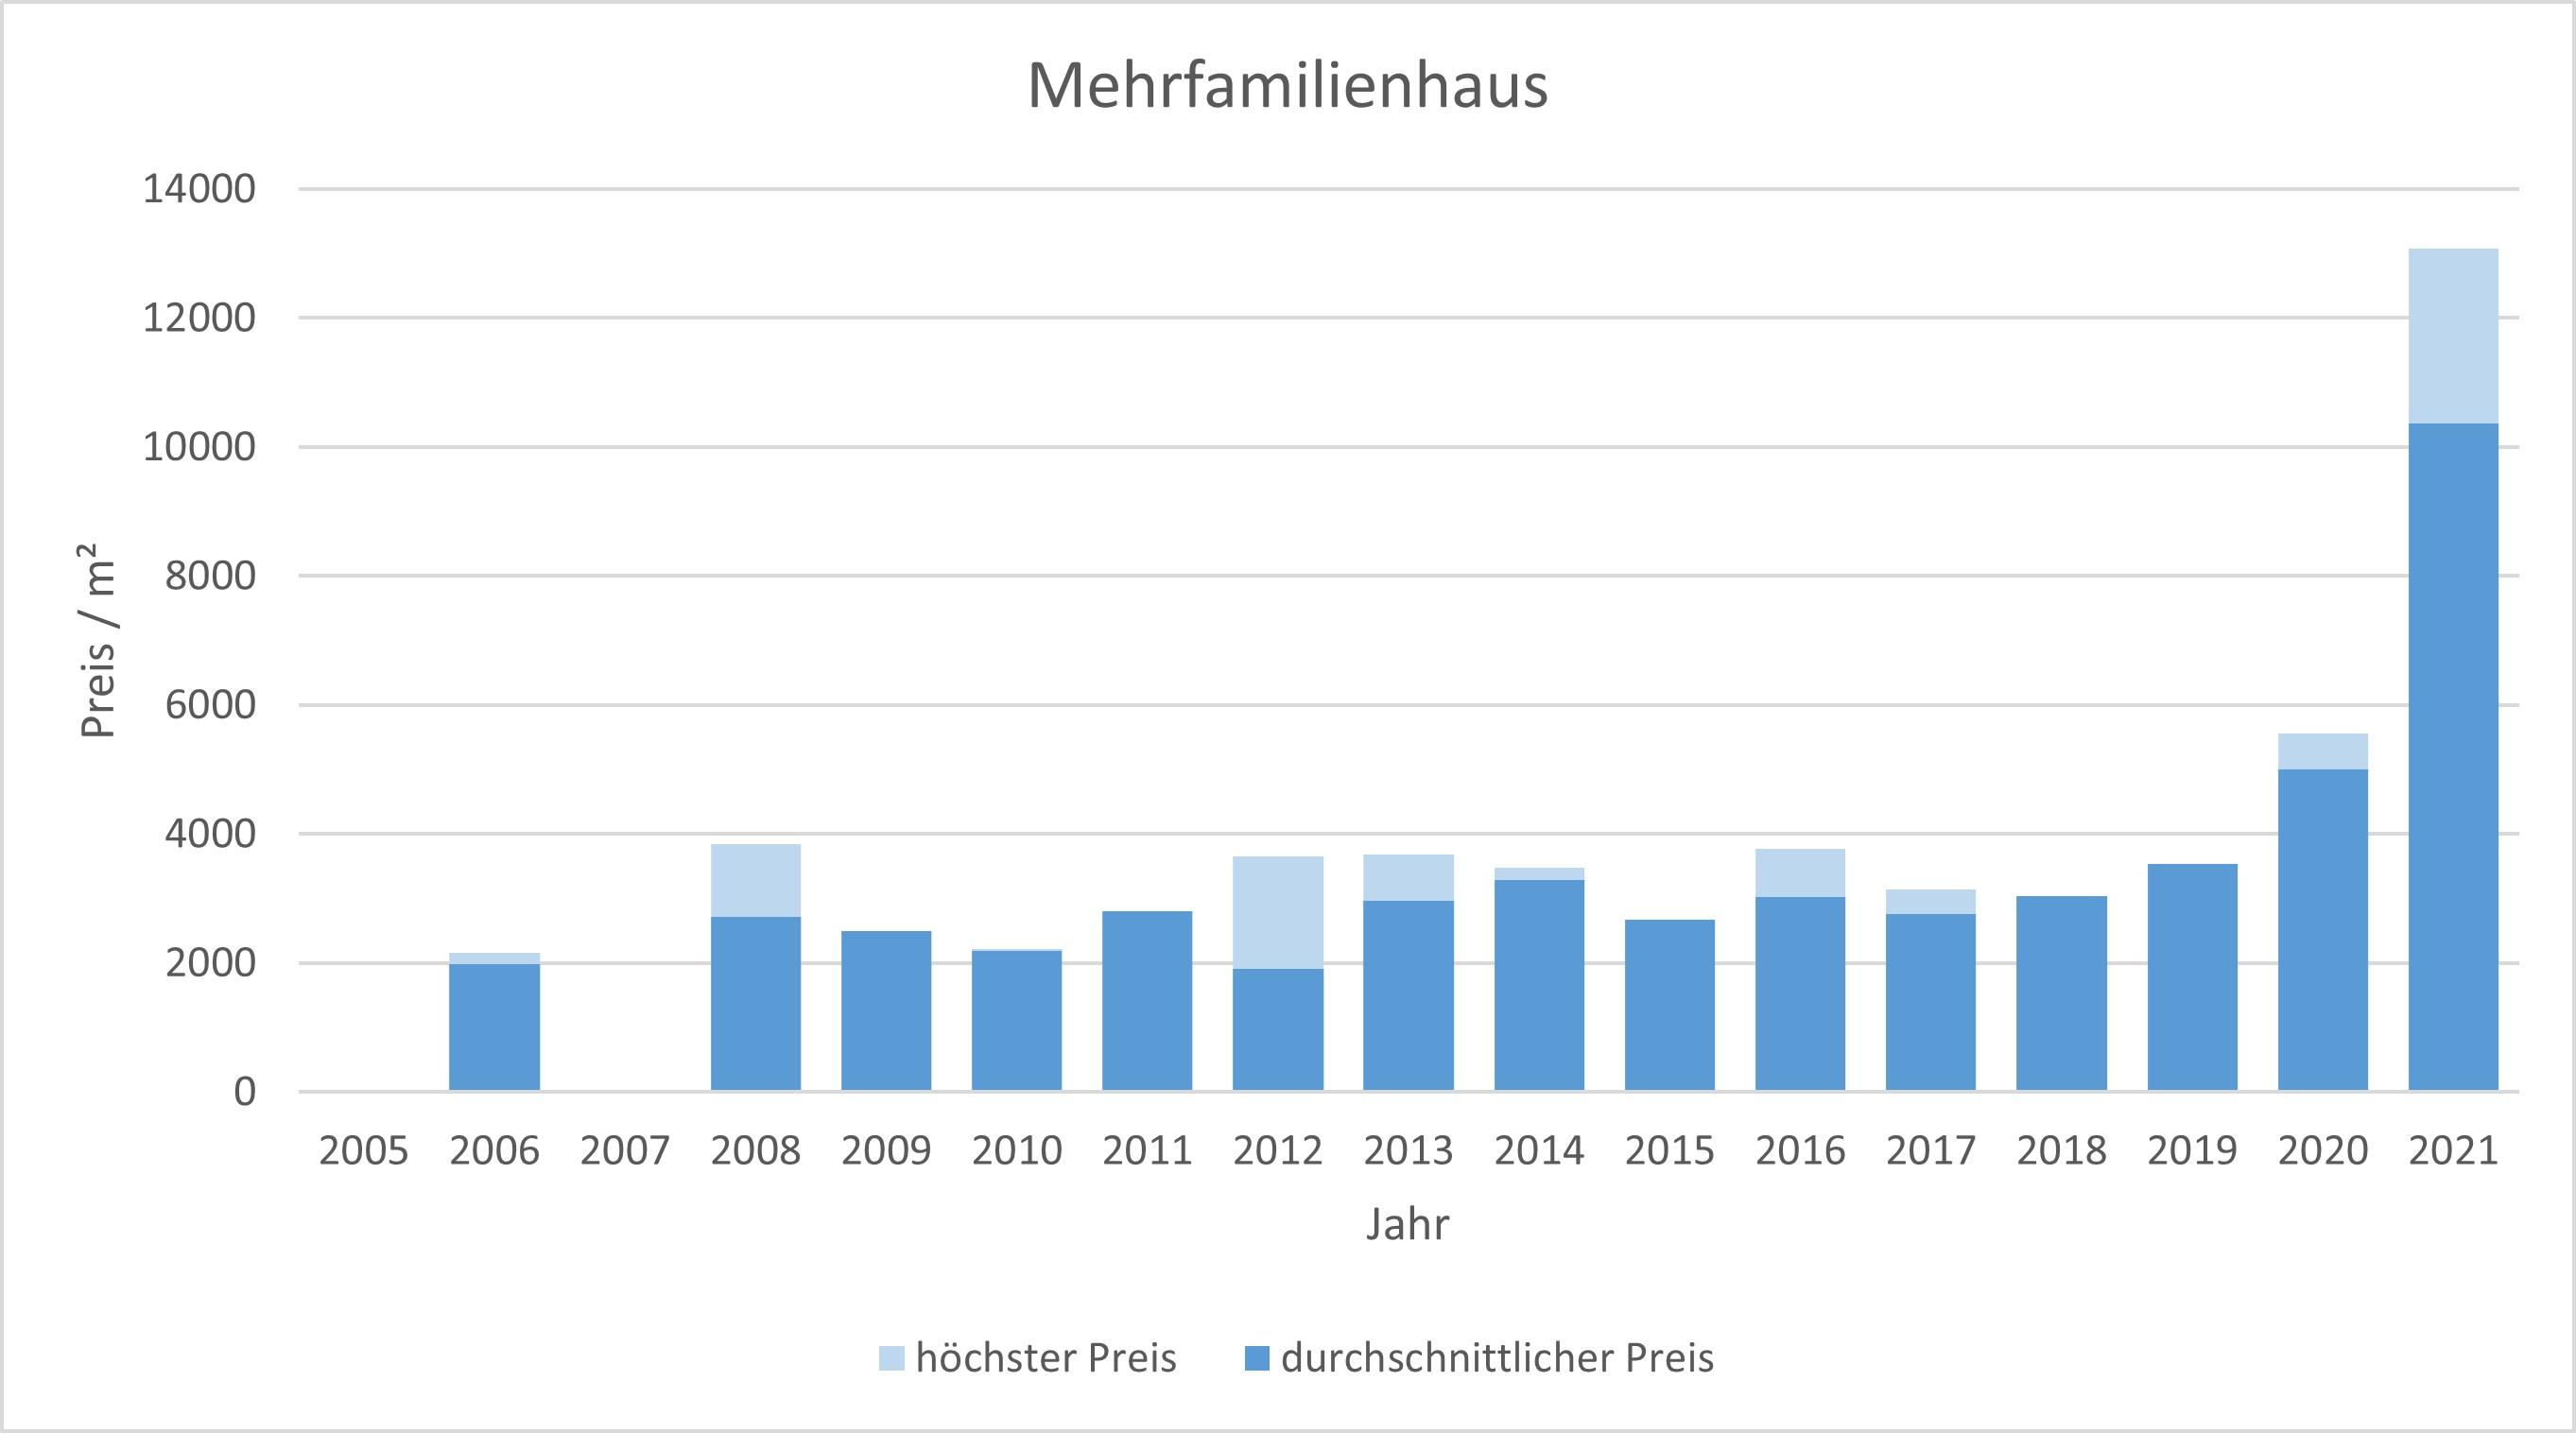 Glonn Mehrfamilienhaus kaufen verkaufen Preis Bewertung Makler www.happy-immo.de 2019 2020 2021